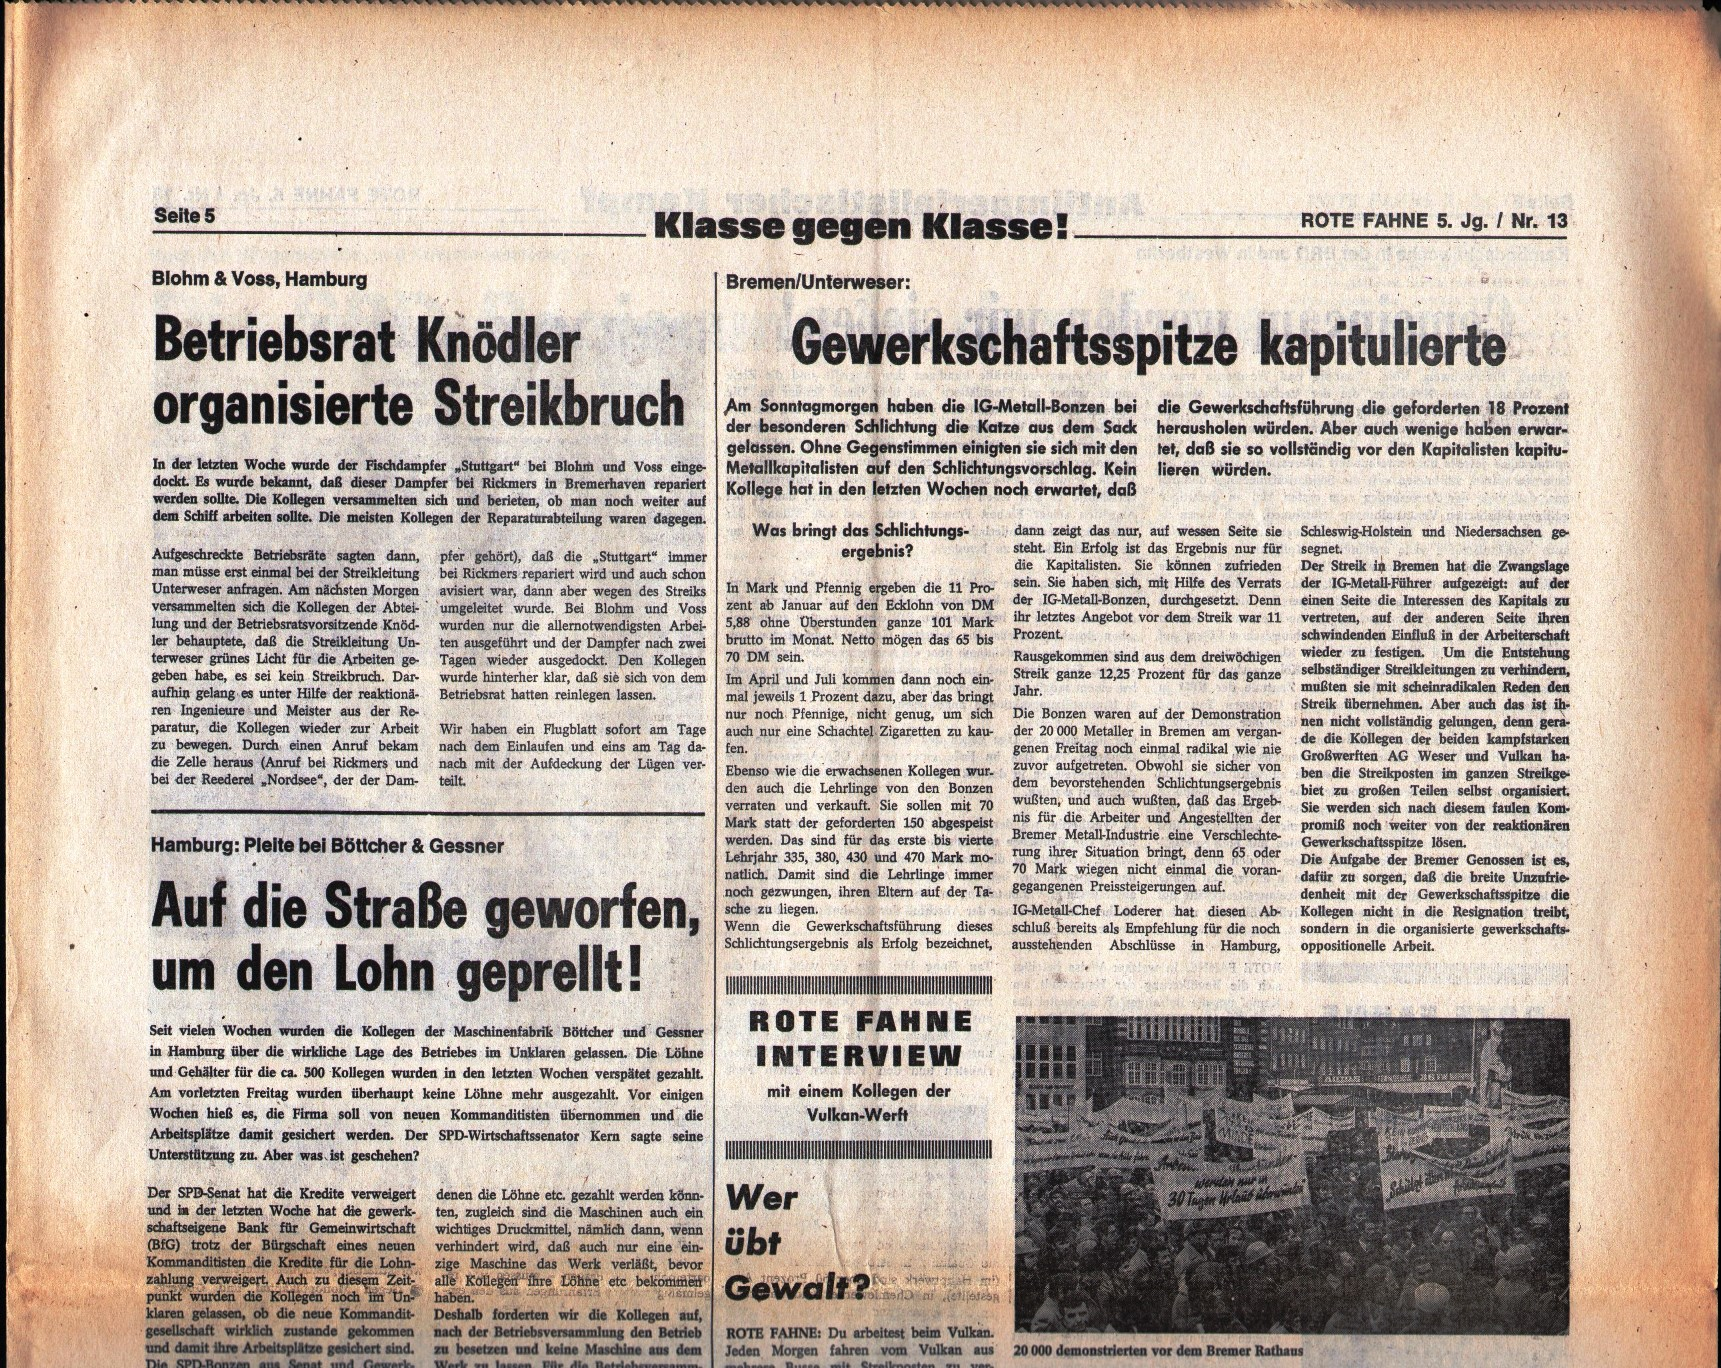 KPD_Rote_Fahne_1974_13_09